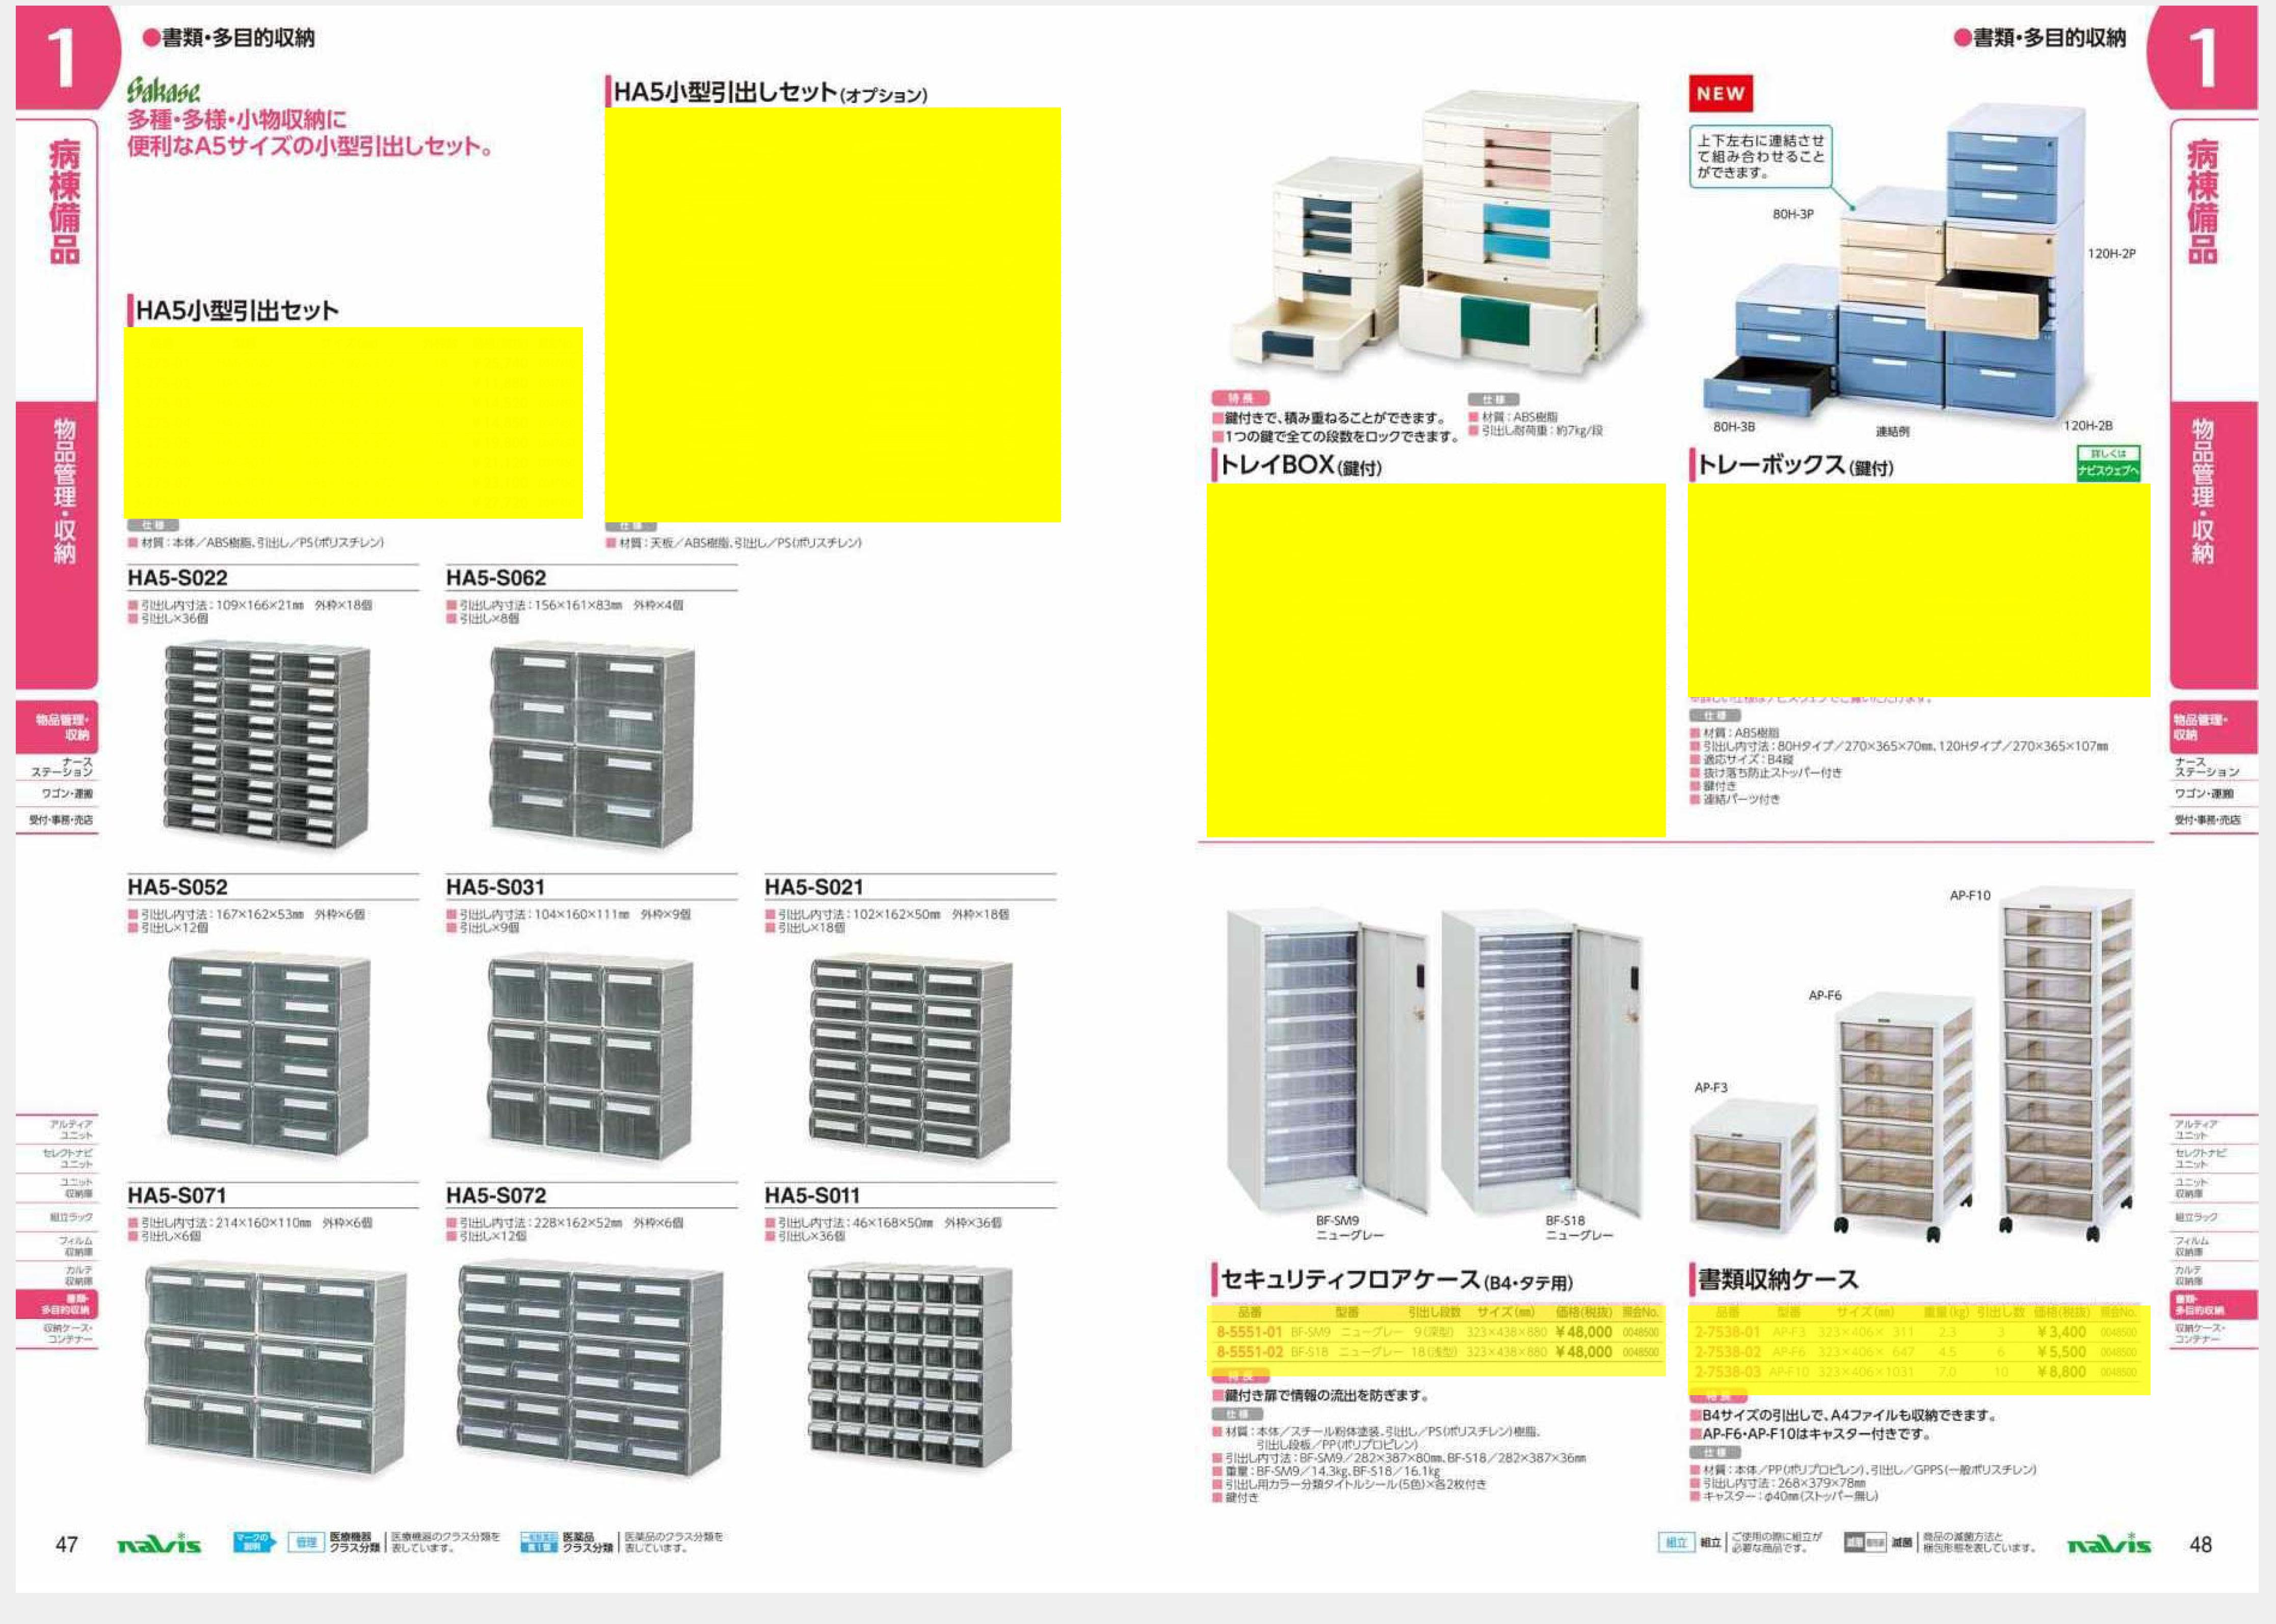 ナビス50000 サカセ 0-5230-11 HA5小型引出セットオプション HA5−042仕切板ヨコ[枚](as1-0-5230-11)